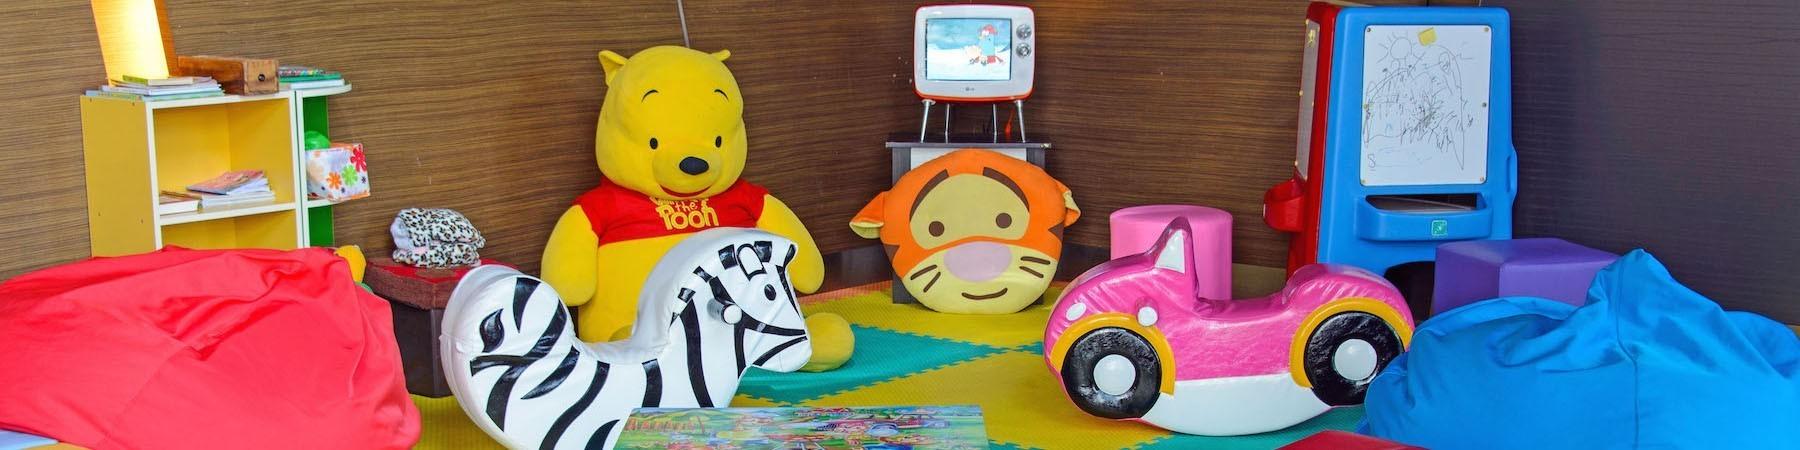 Đồ chơi trẻ em an toàn,vận động phản xạ,rèn sức khỏe